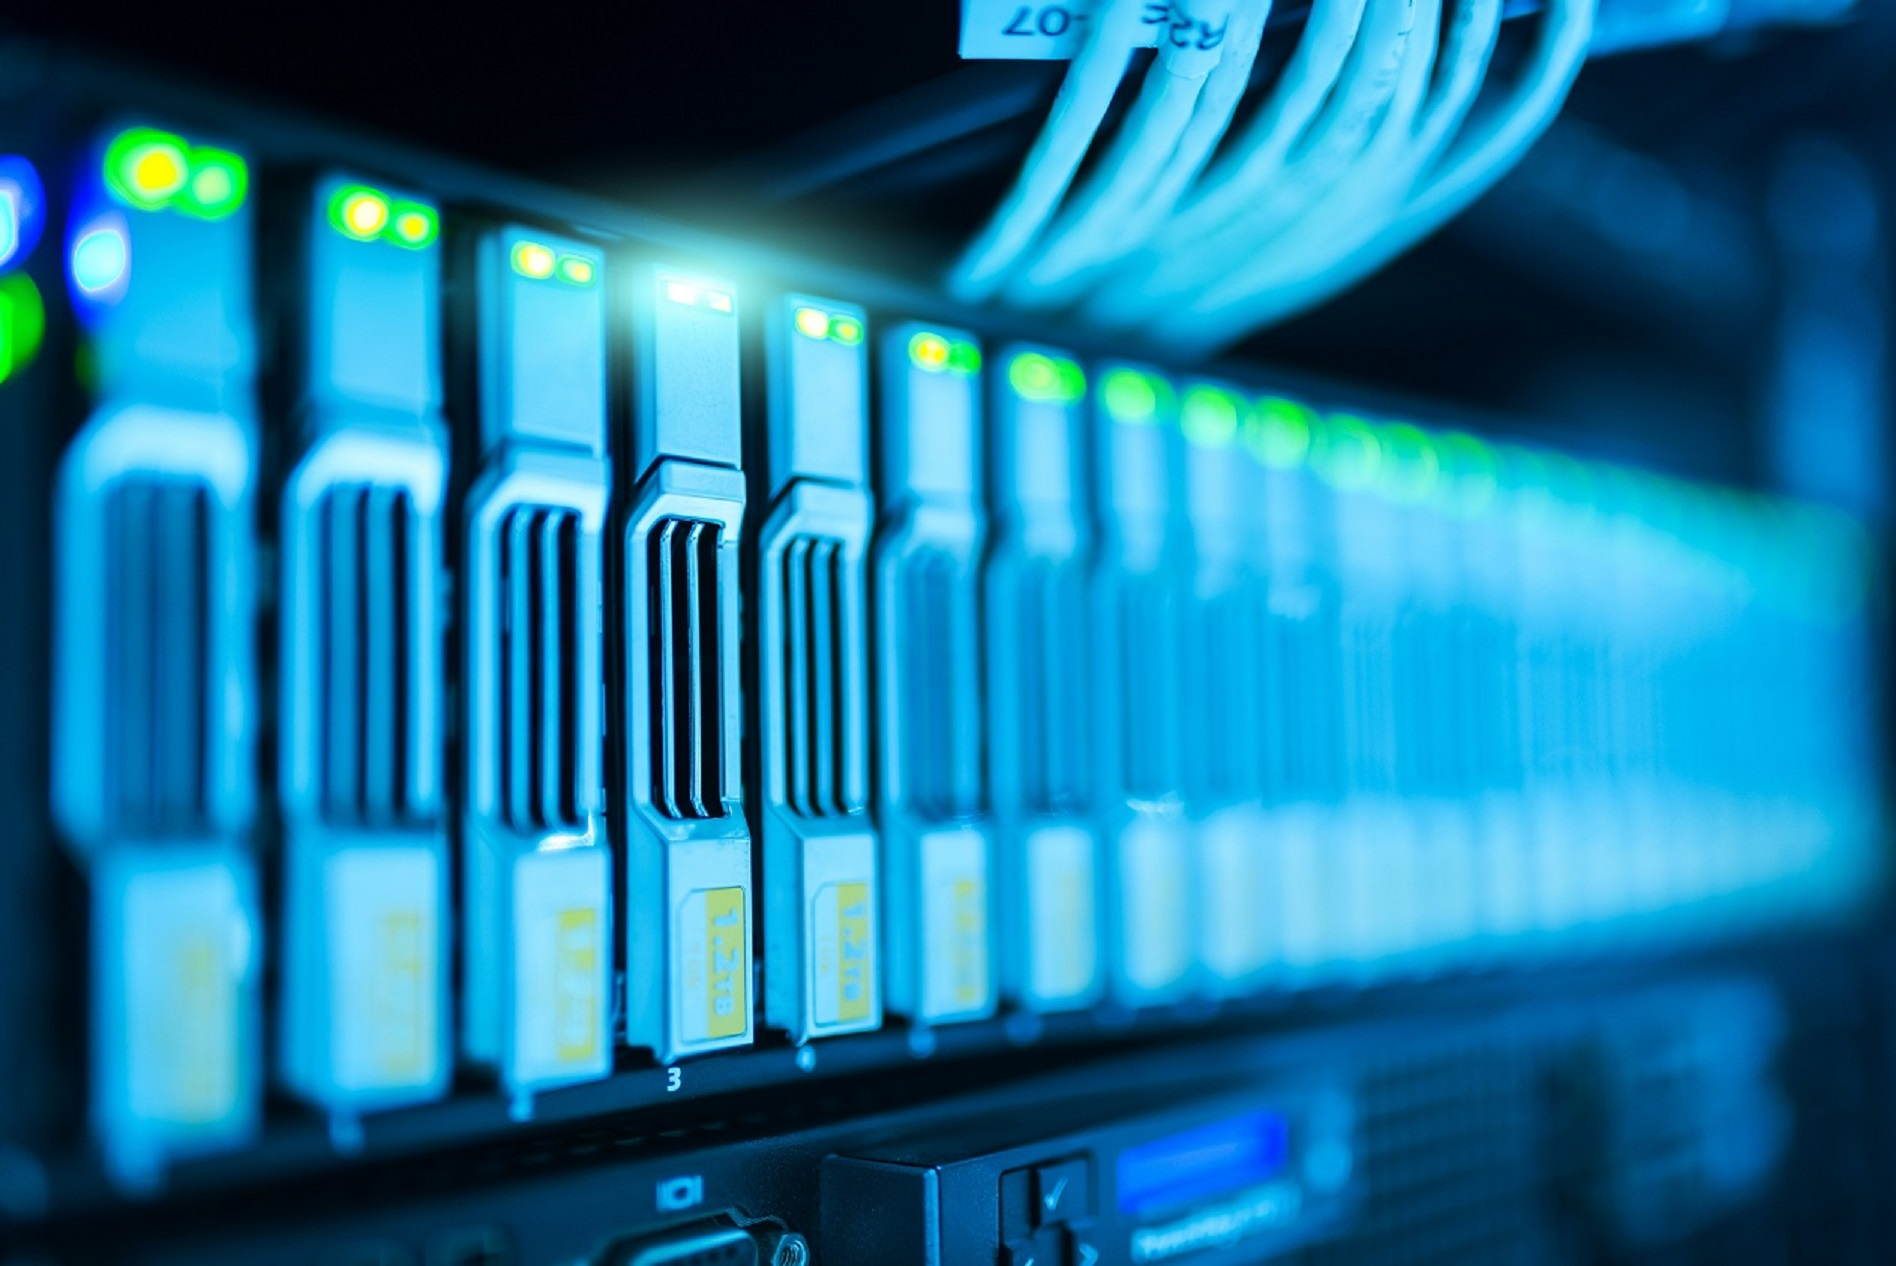 6 najczęstszych naruszeń ochrony danych w Polsce. W jaki sposób można im zapobiegać?